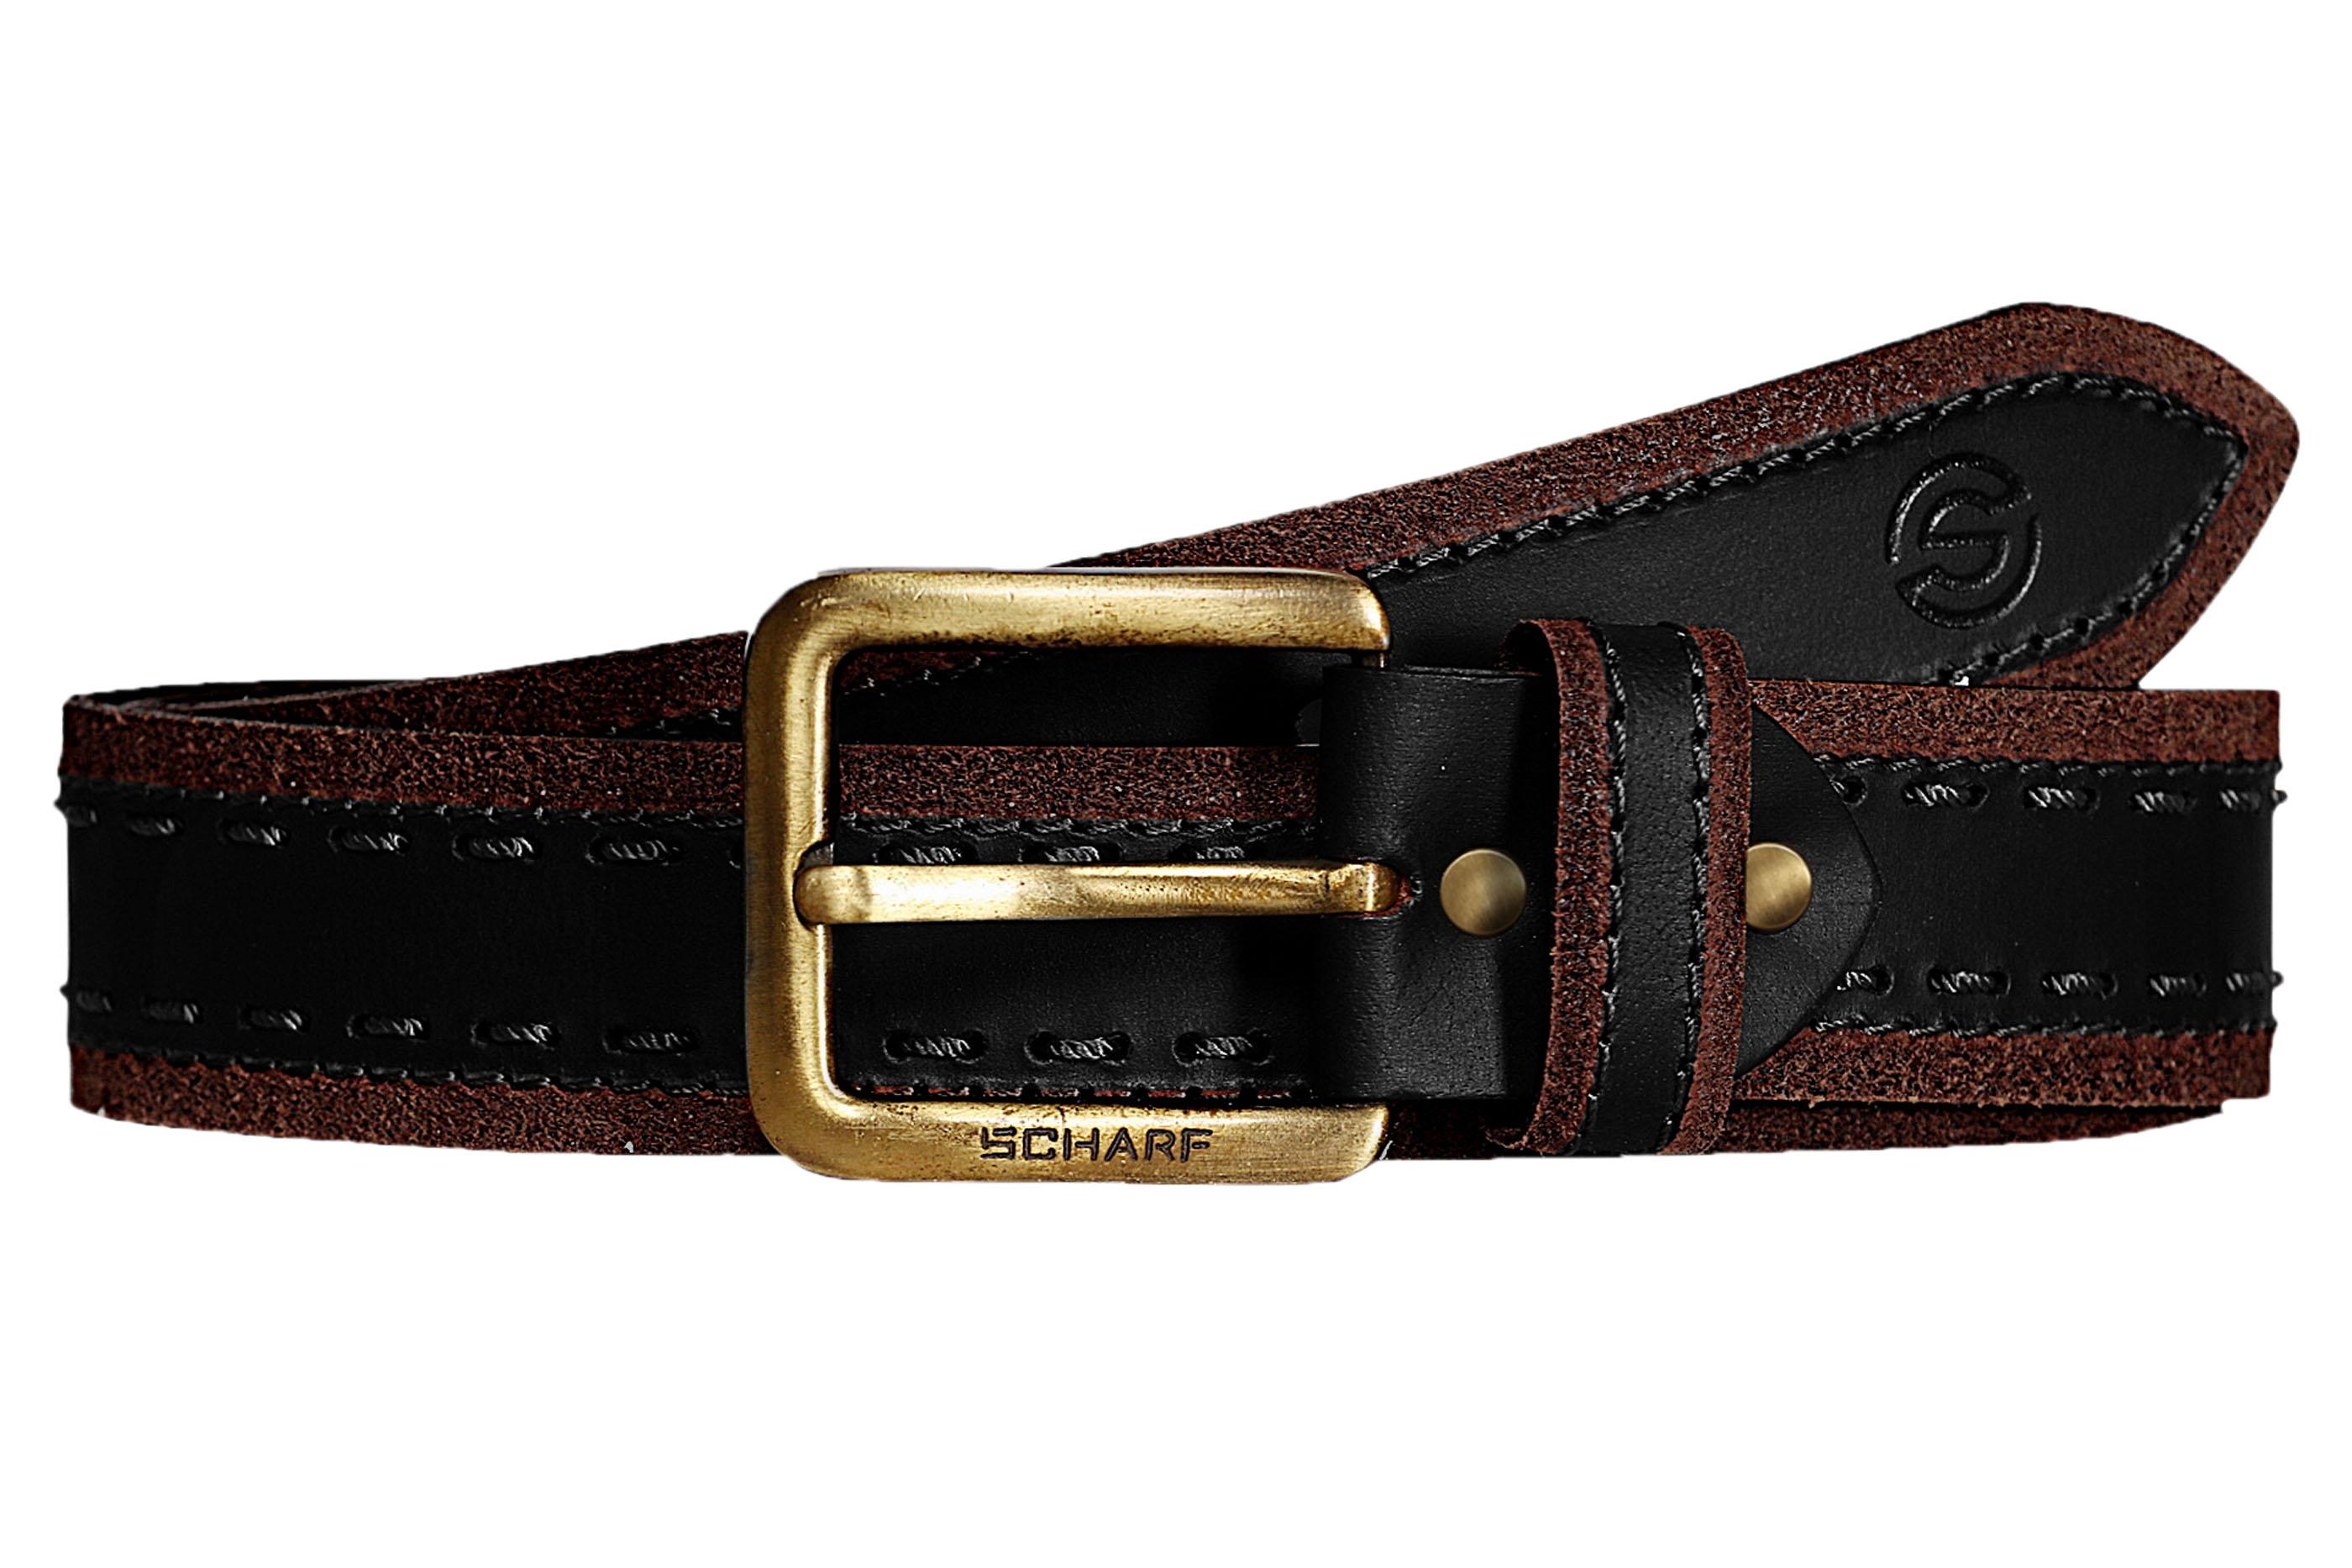 SCHARF | SCHARF Casual Leather Men's Belt MBMC26-Tan/Brown